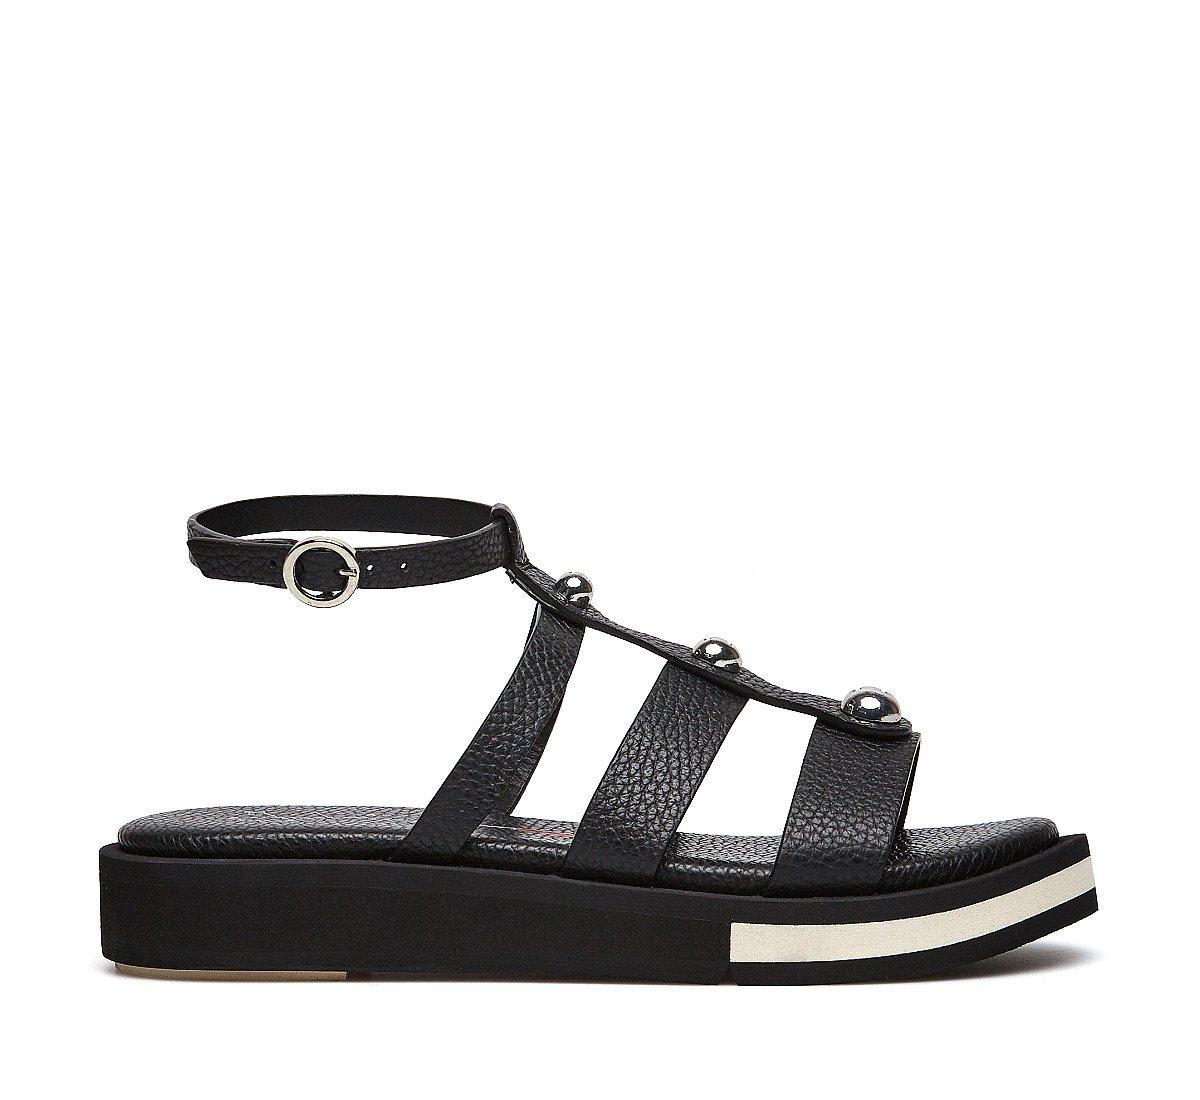 Soft calfskin sandals